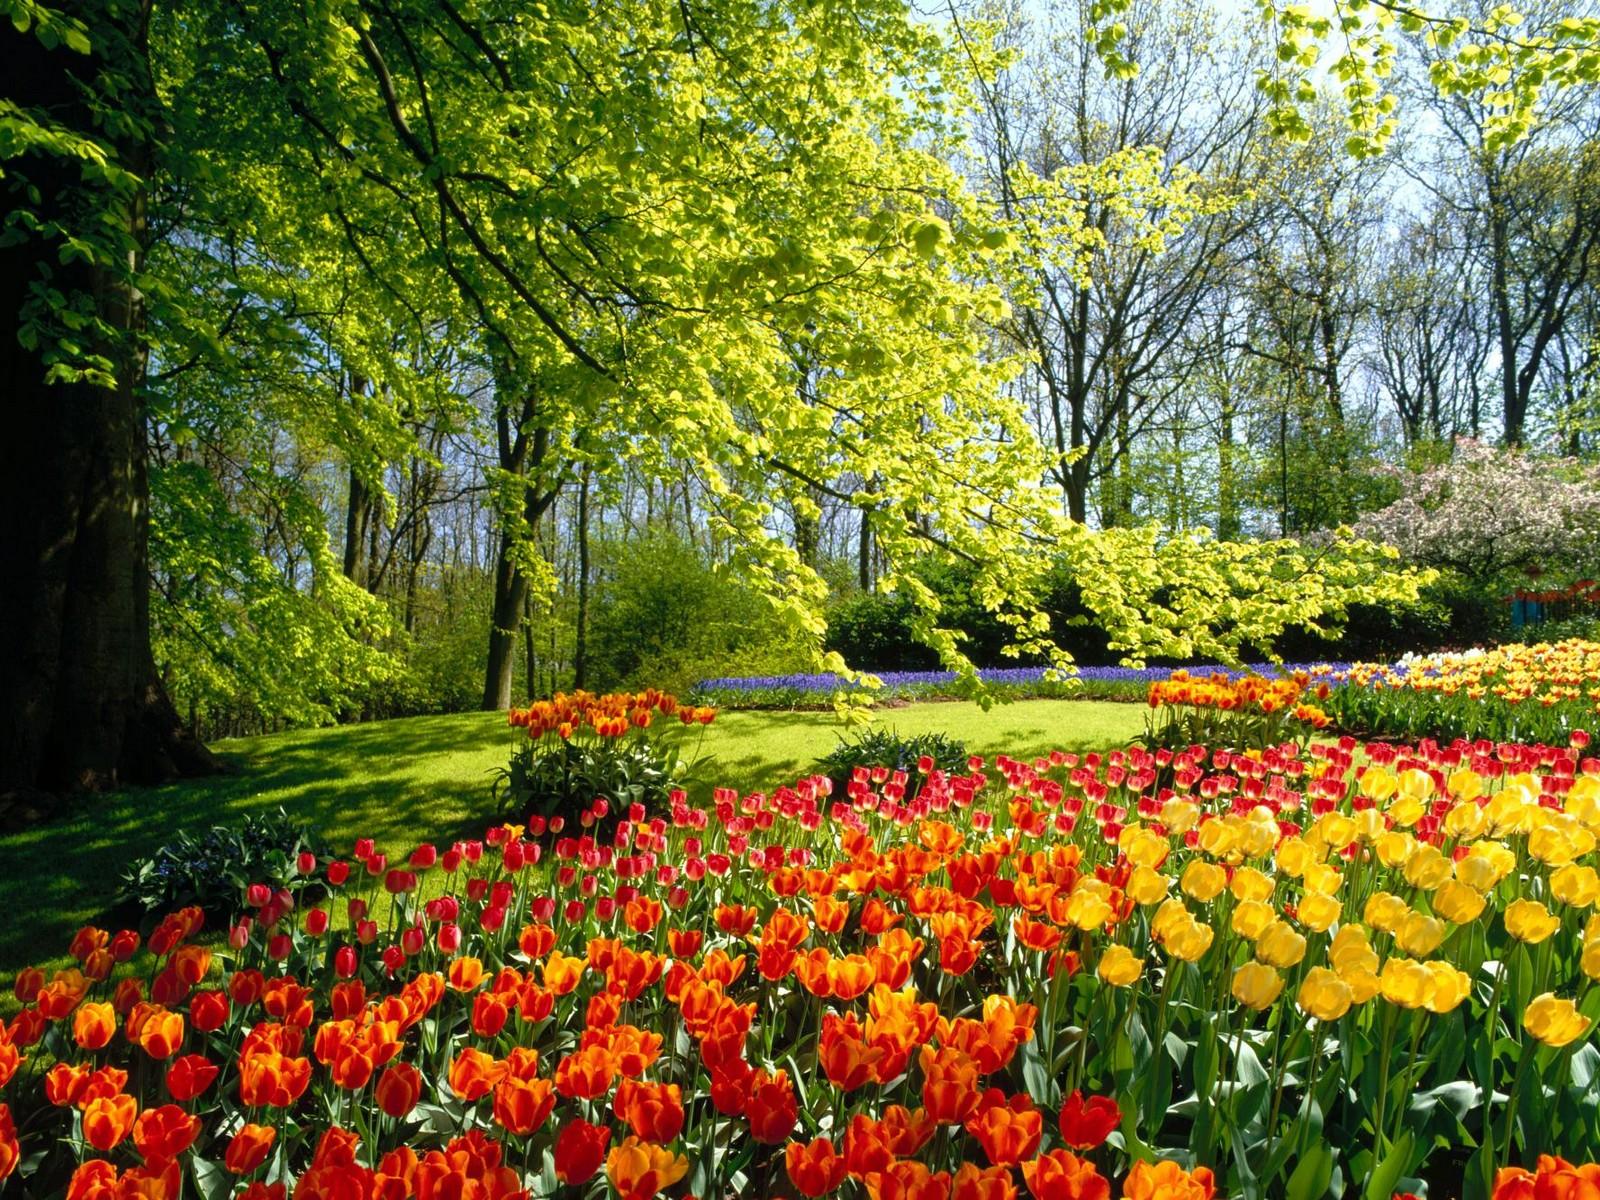 http://4.bp.blogspot.com/-Gh1kRzQVOEk/Tw_C72Y9W5I/AAAAAAAAE7U/XNk7iUMlL4I/s1600/Keukenhof+Gardens%252C+Holland.jpg